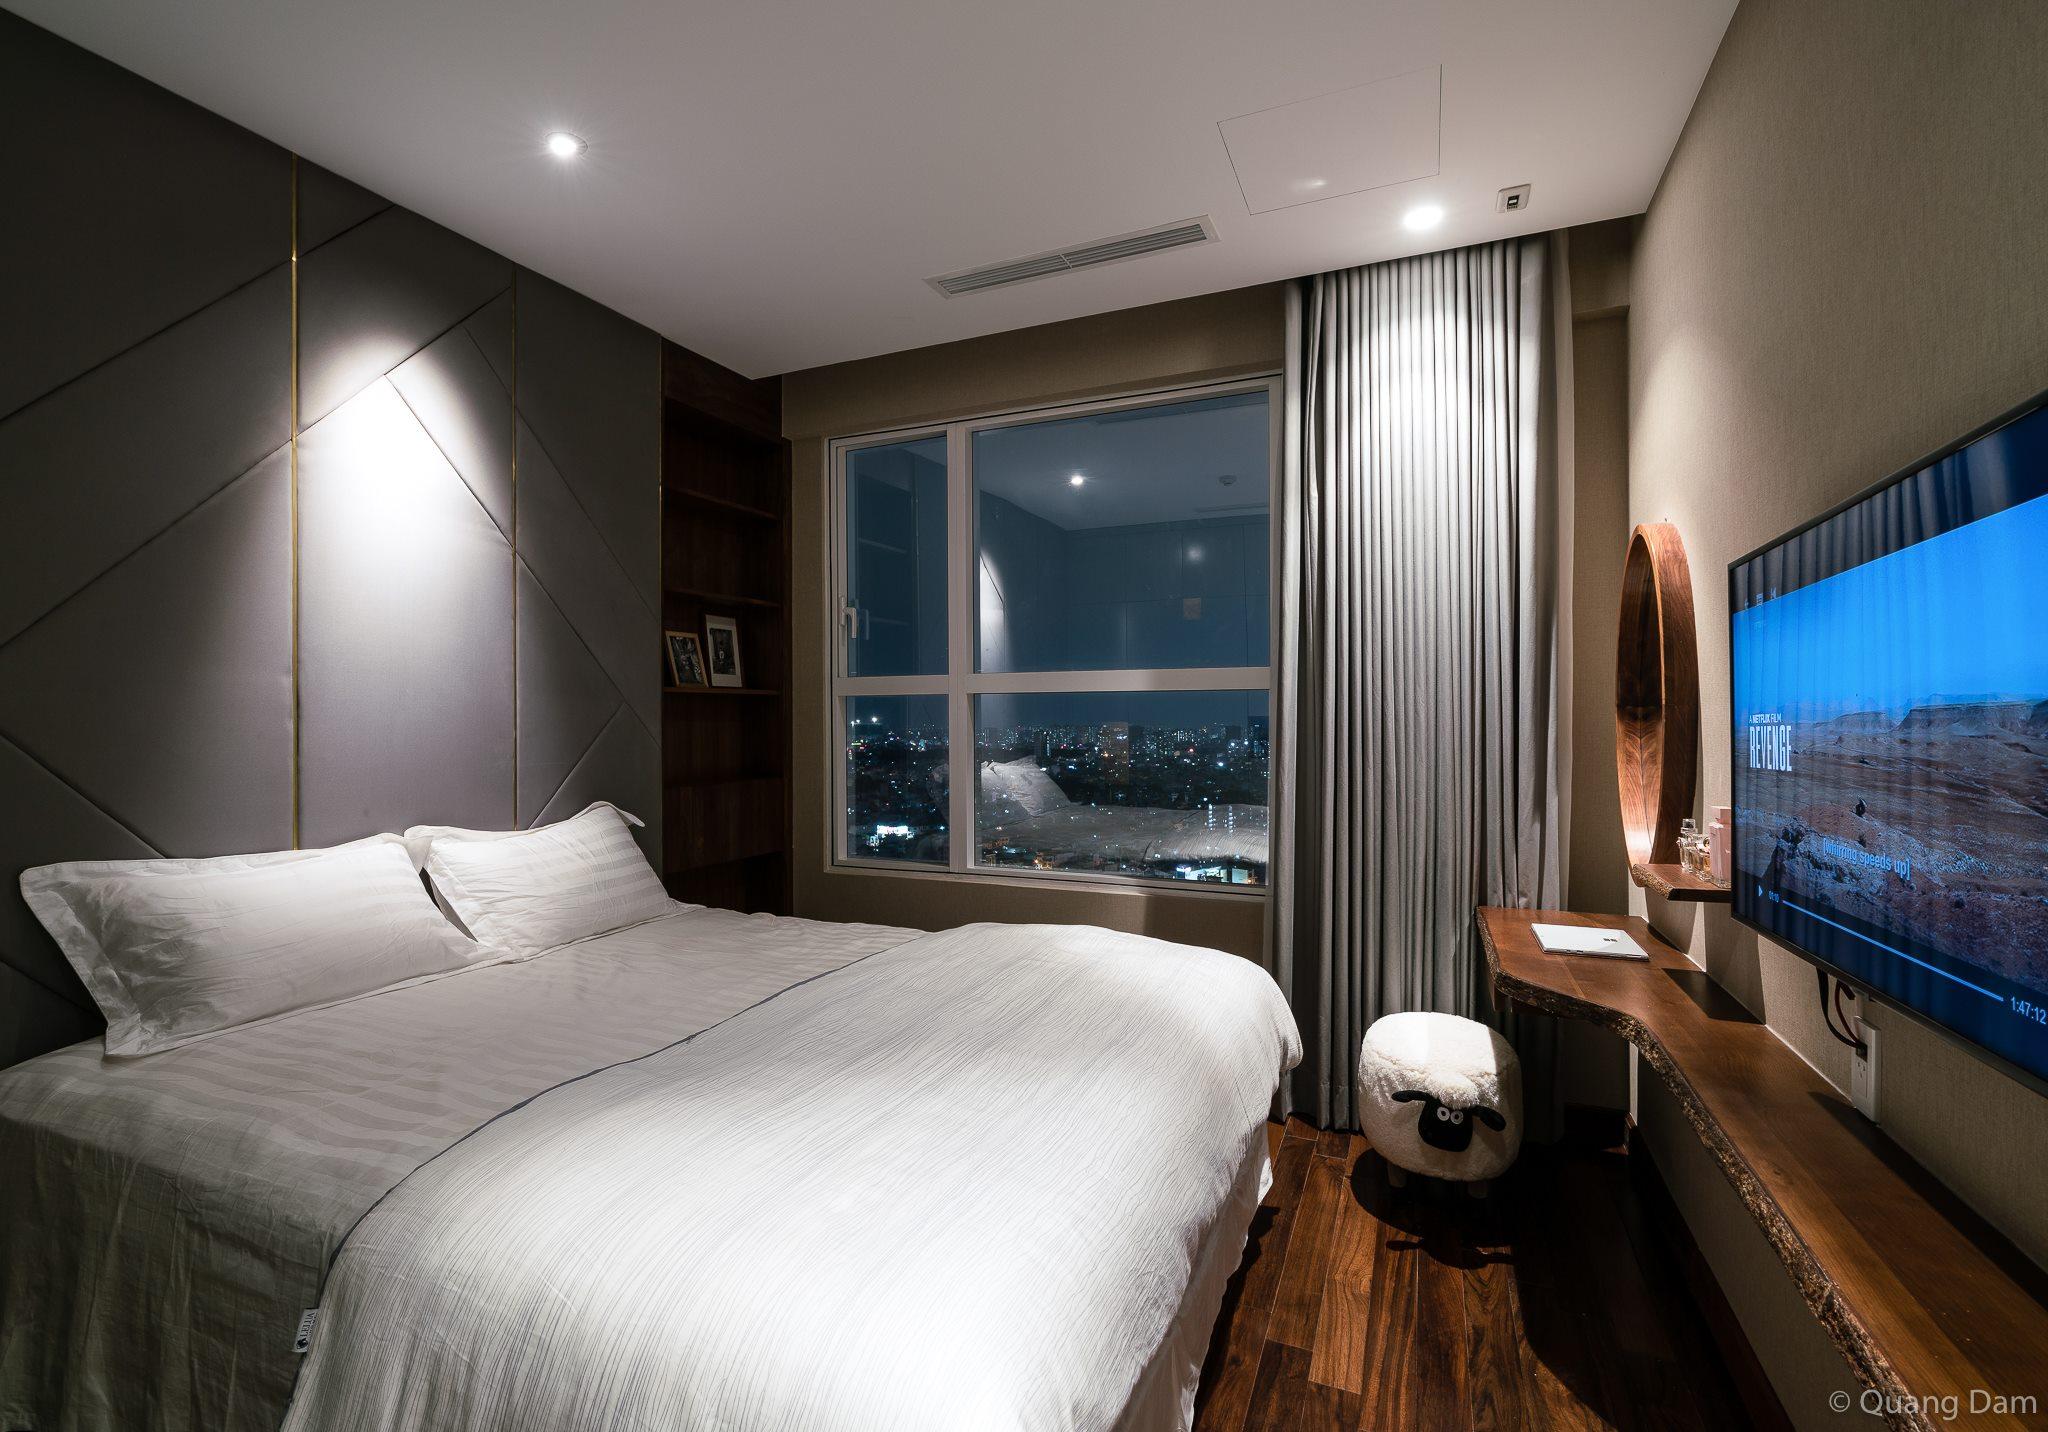 Nội thất căn hộ 1 phòng ngủ với điểm nhấn gỗ và cây xanh - Nhà Đẹp Số (17)